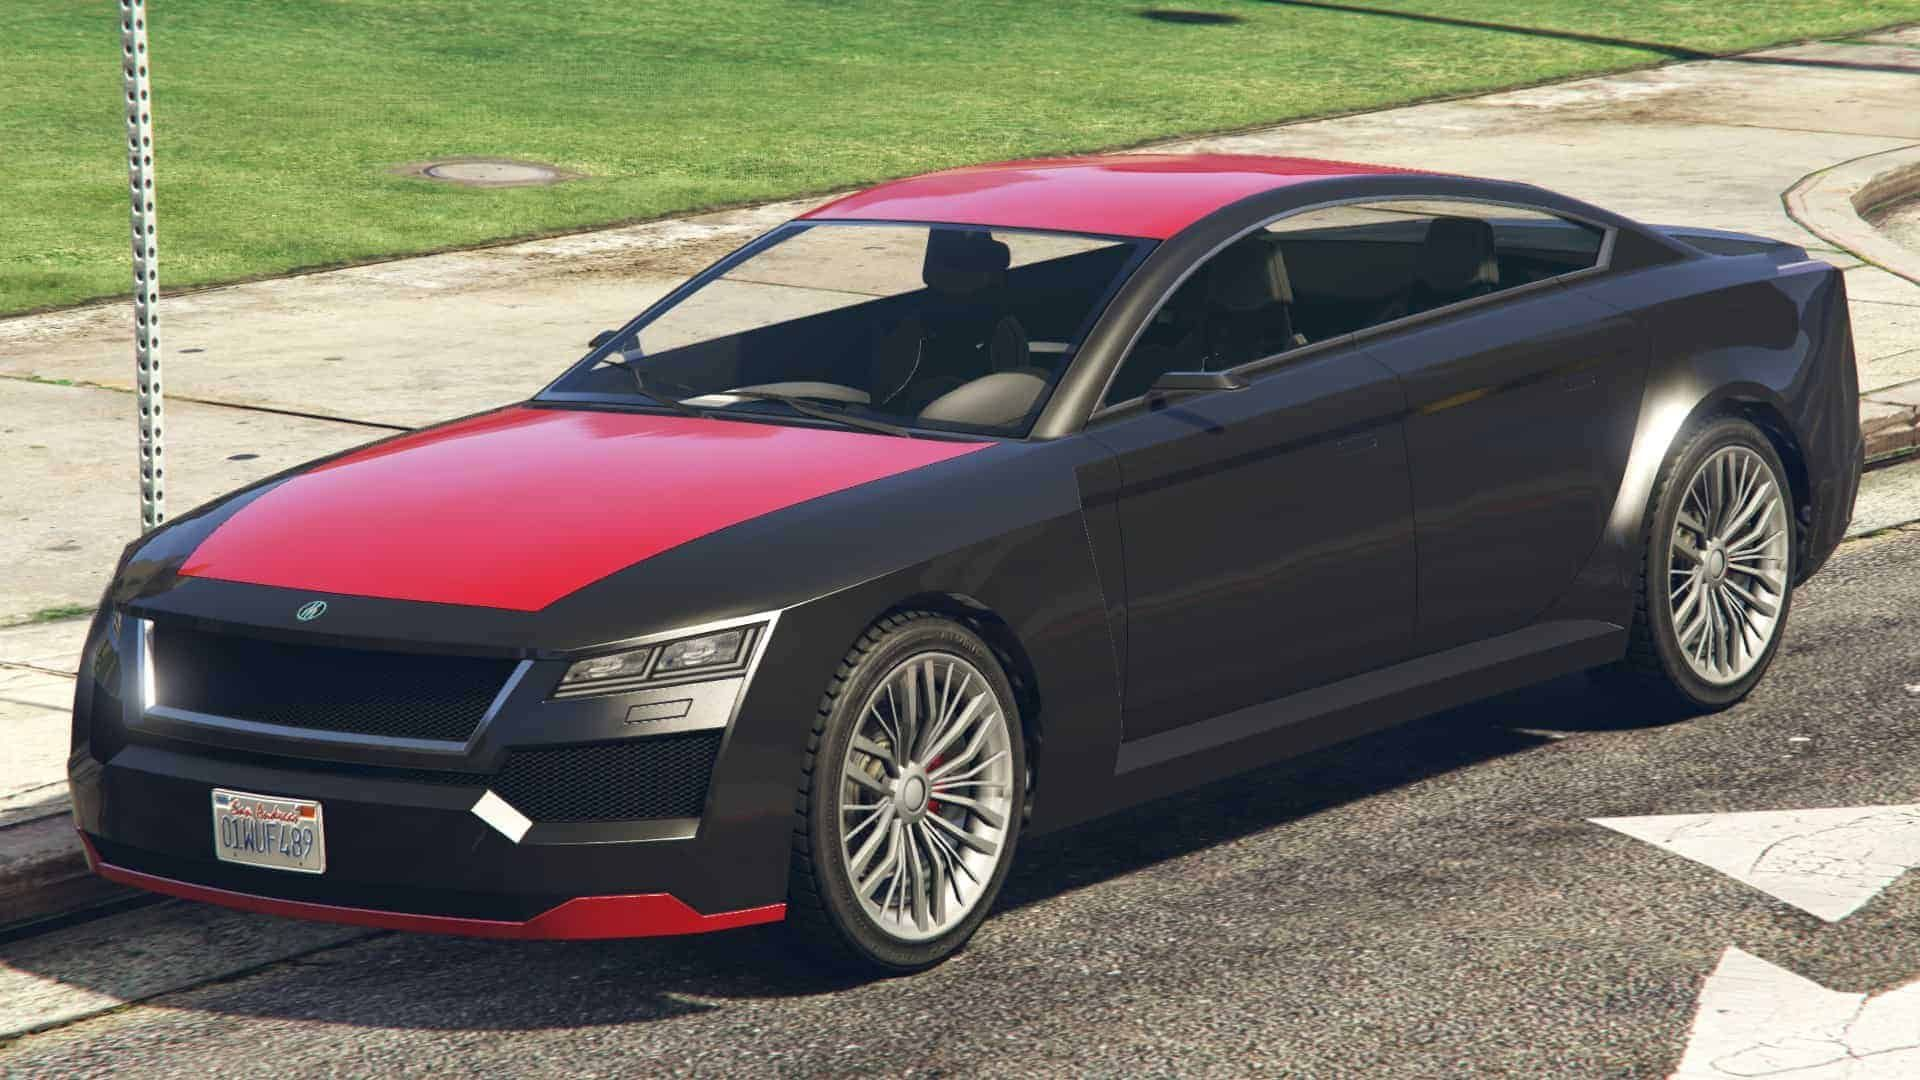 Gta Online Gets Revolter And Discounts Gta Cars Gta Gta Online